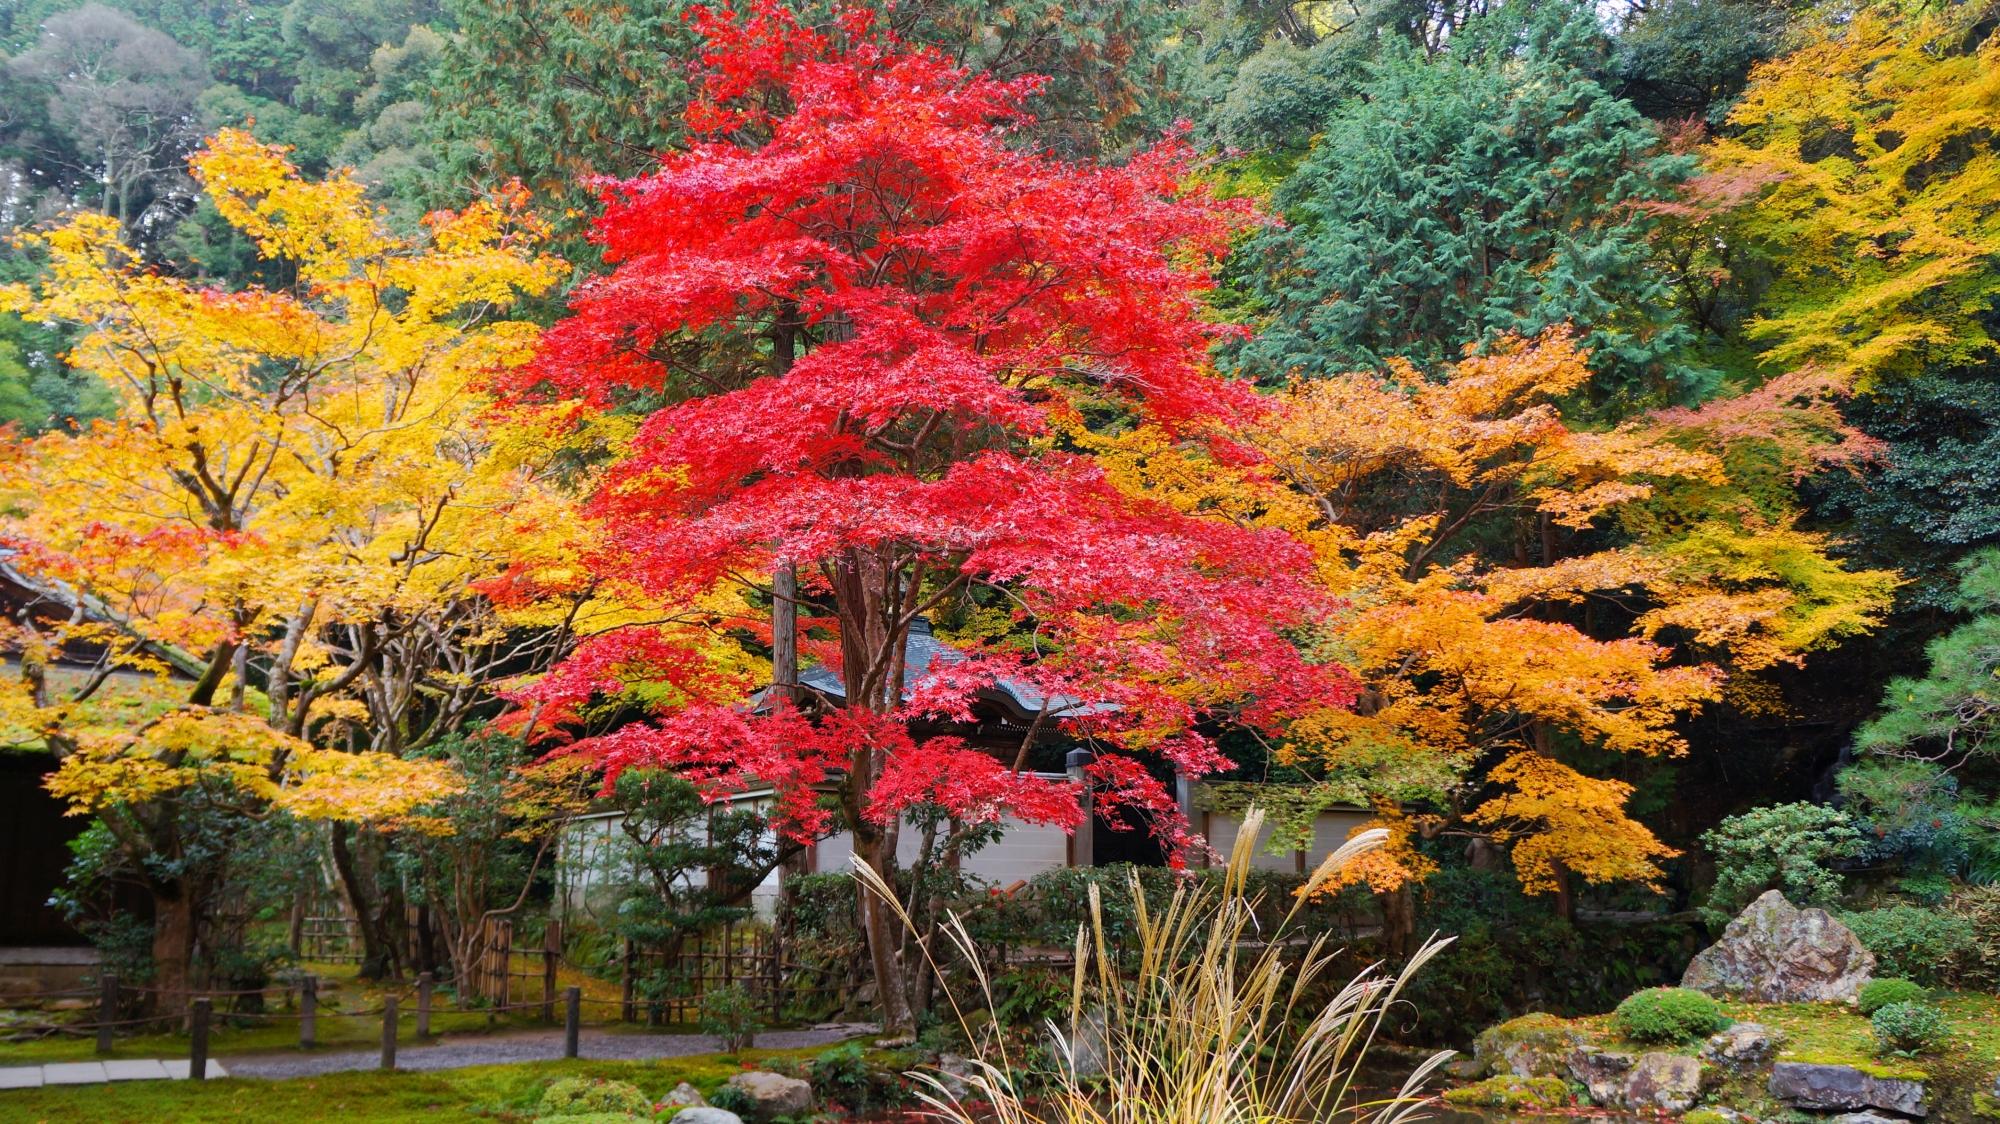 南禅寺と南禅院の素晴らしい紅葉と秋色の情景